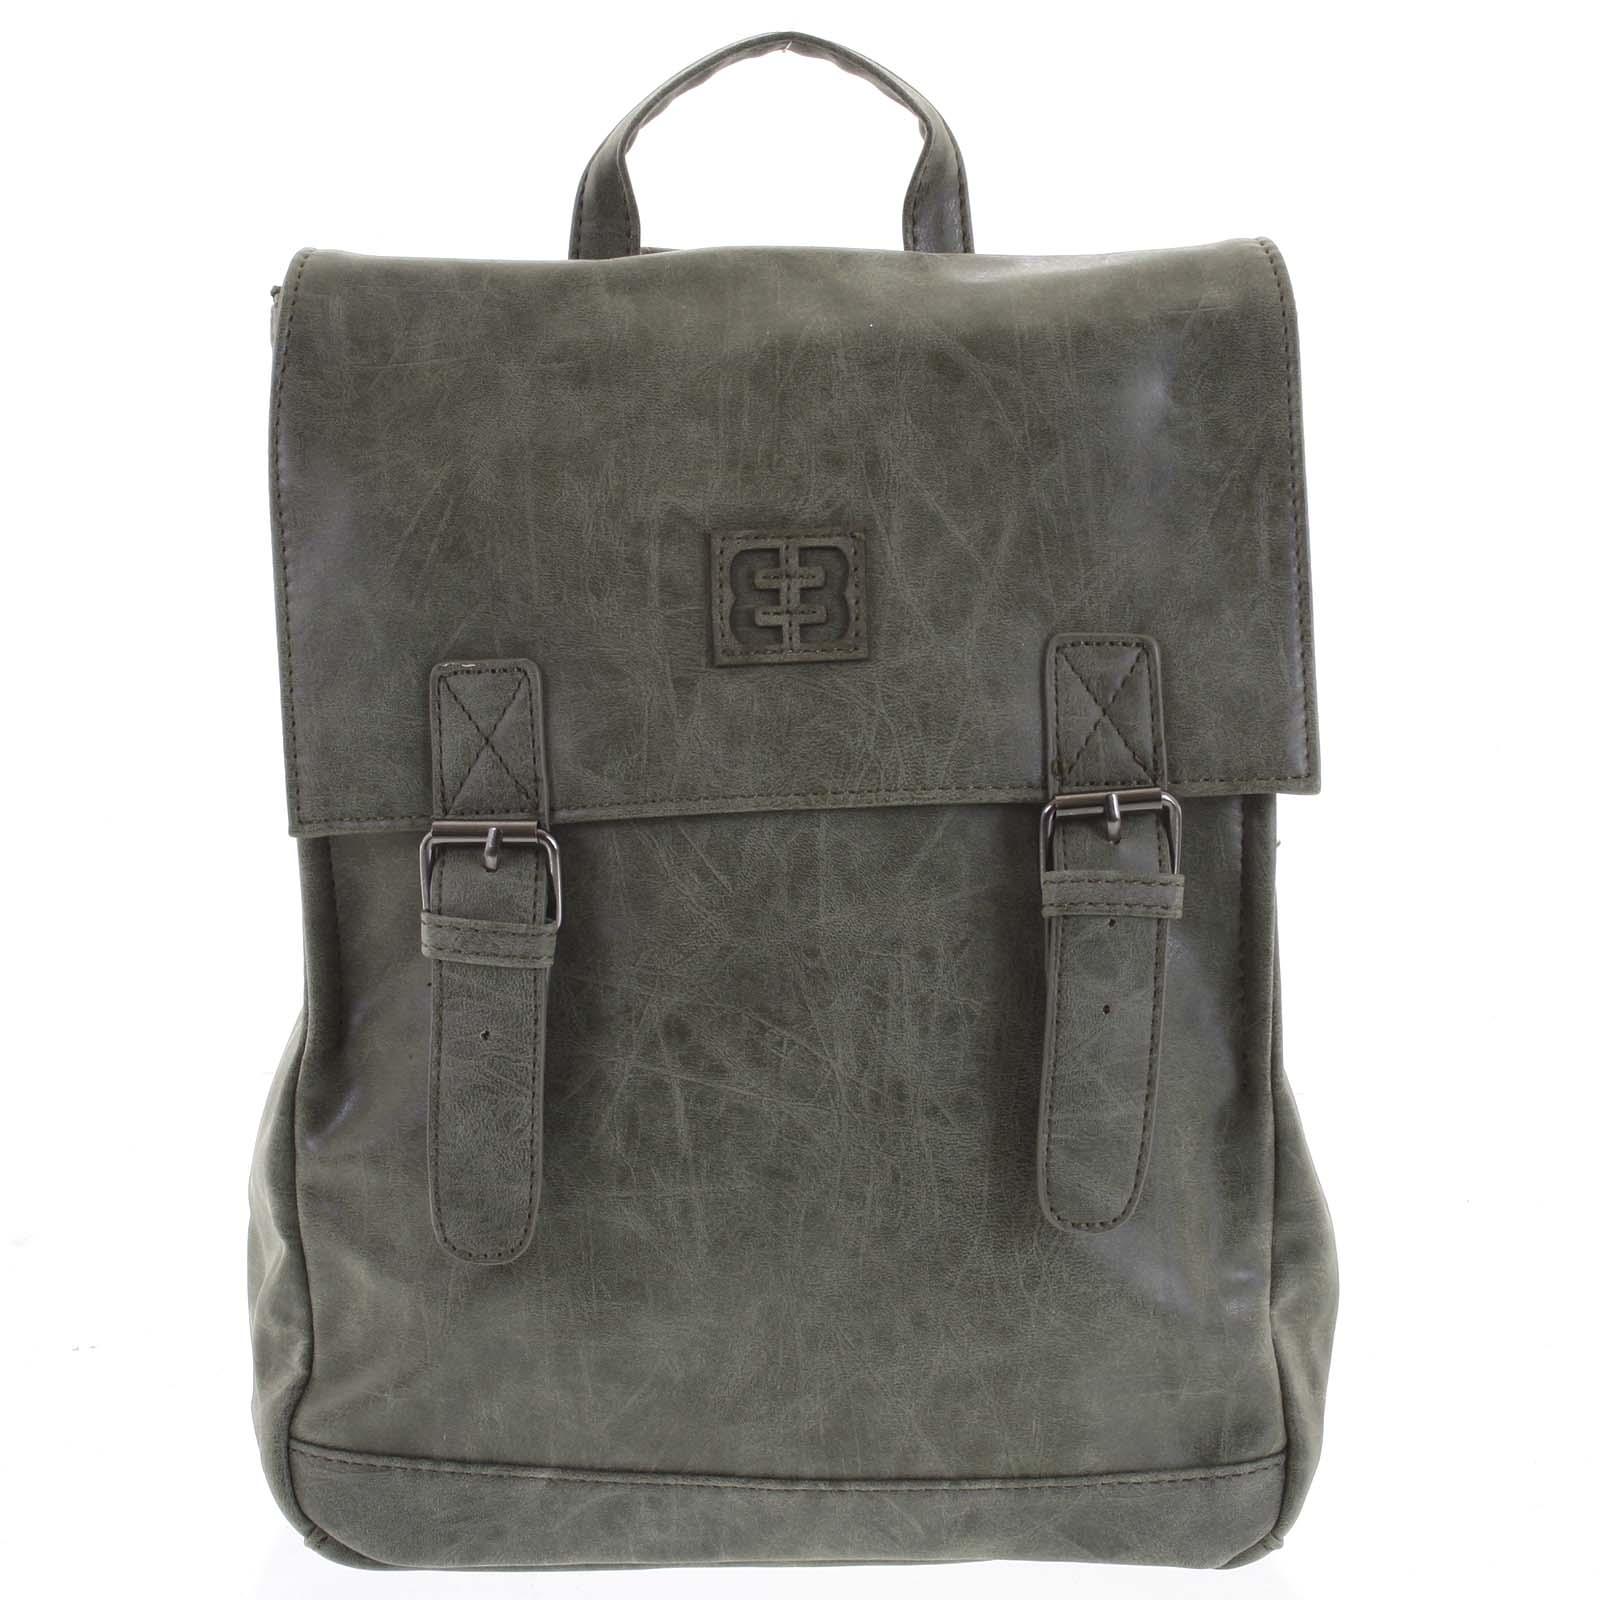 Levně Módní stylový střední batoh olivově zelený - Enrico Benetti Traverz